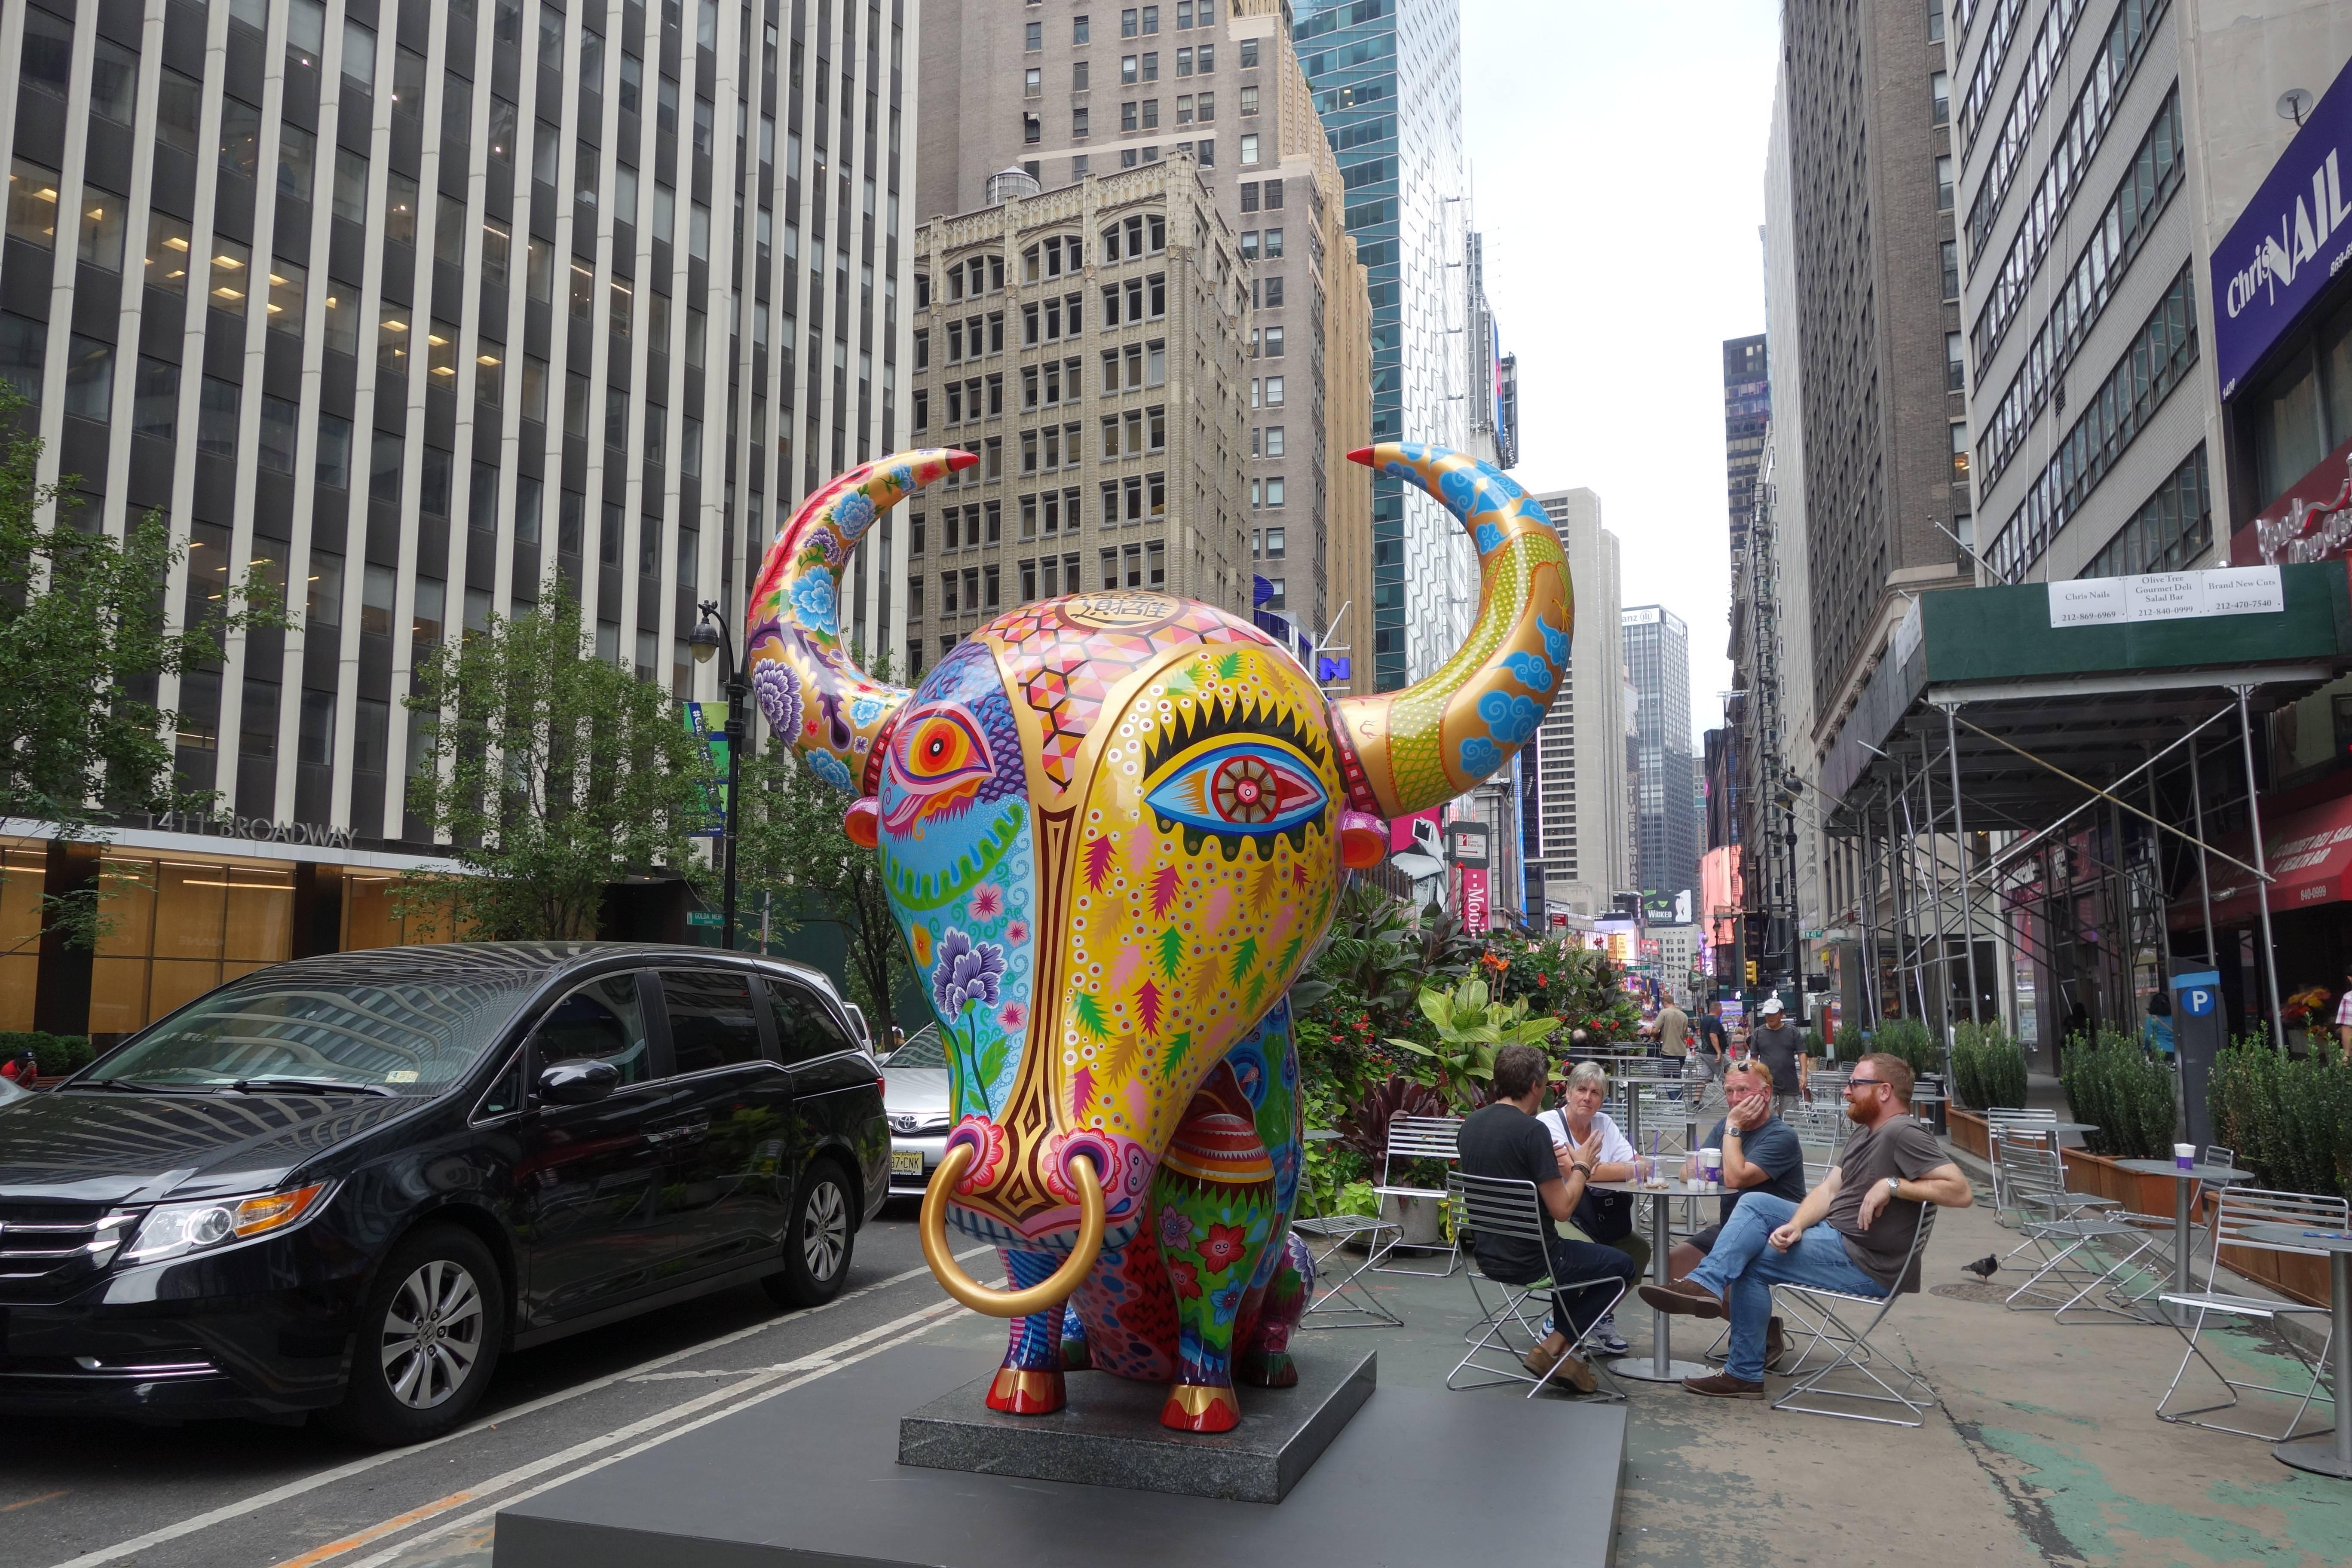 大牛| 2013|鋼板彩繪、花崗石|235x288x220 cm|洪易希望透過作品「牛」轉達出華人勤奮耐勞,堅韌旺盛的生命力量。